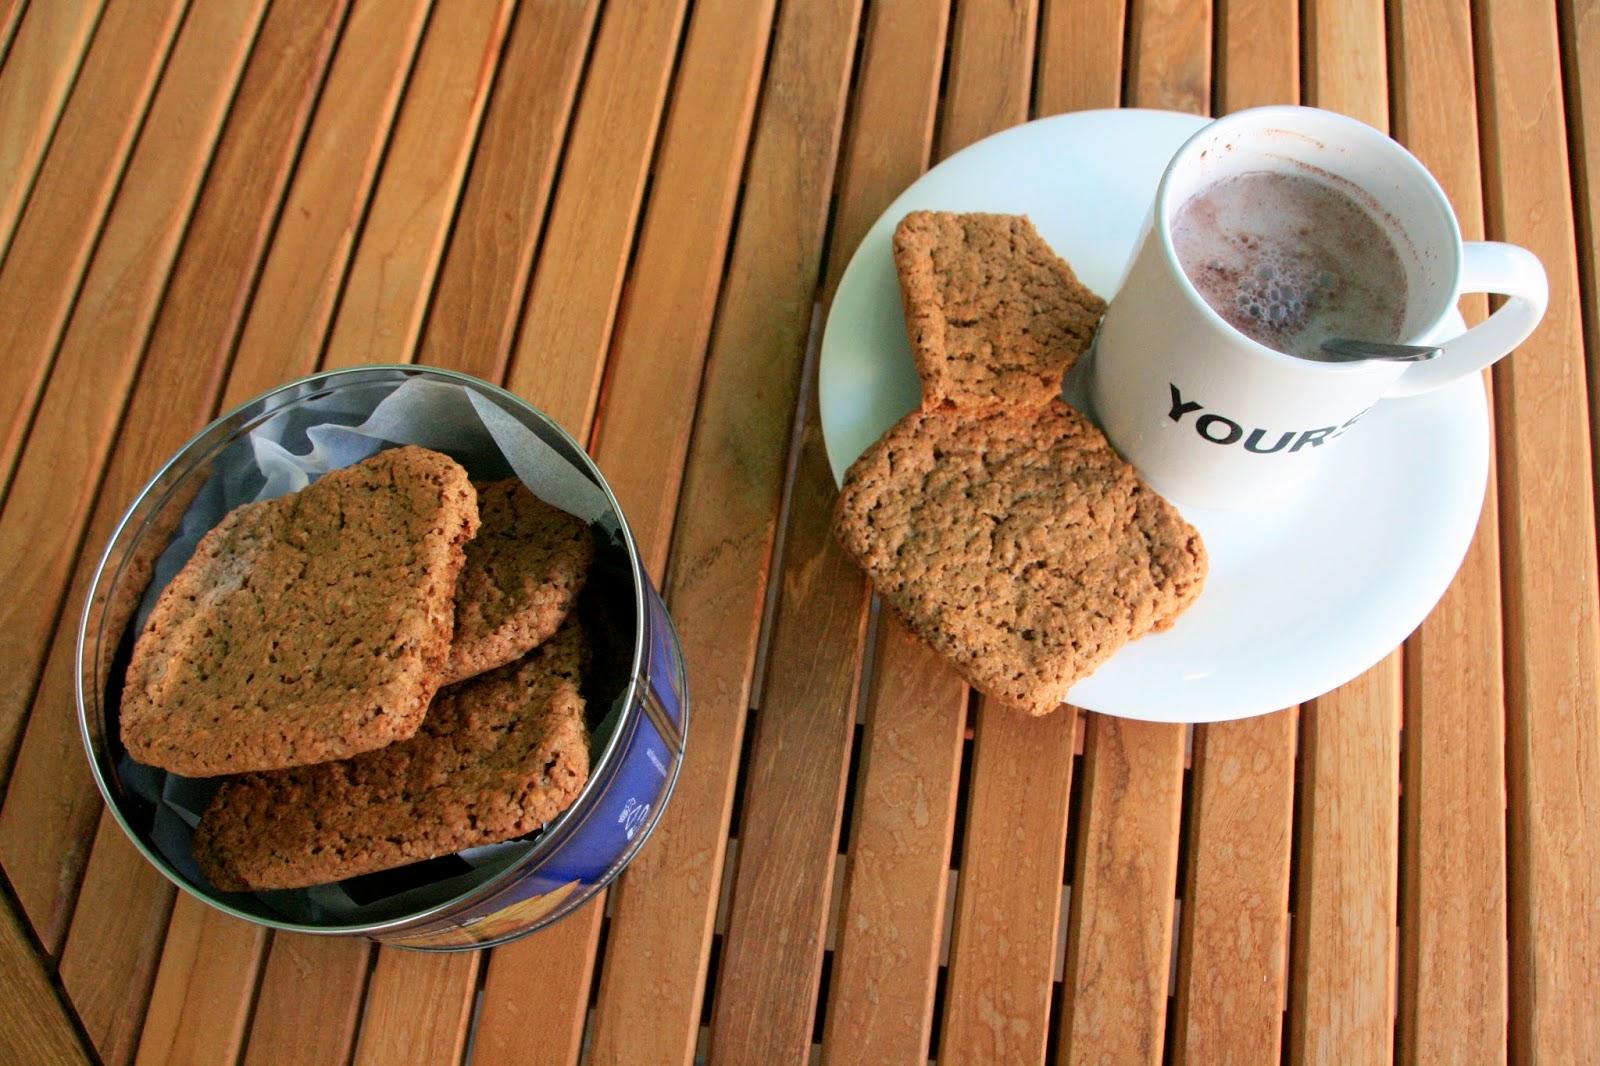 Galletas de avena para desayunar